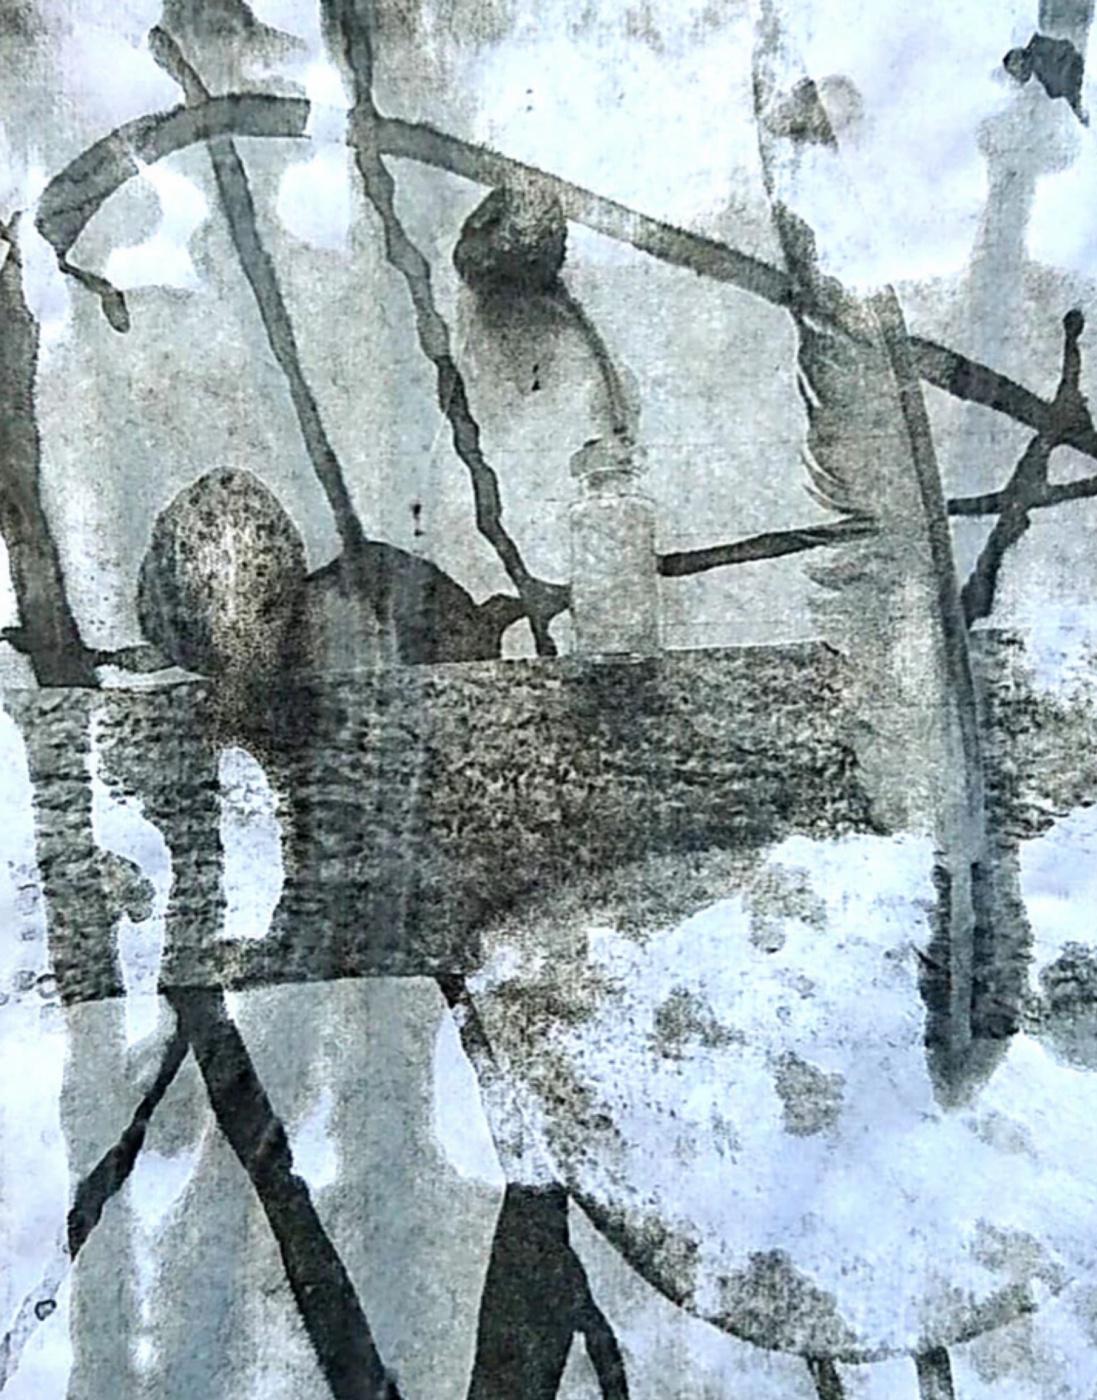 Sona Sahakian. The traces of the past